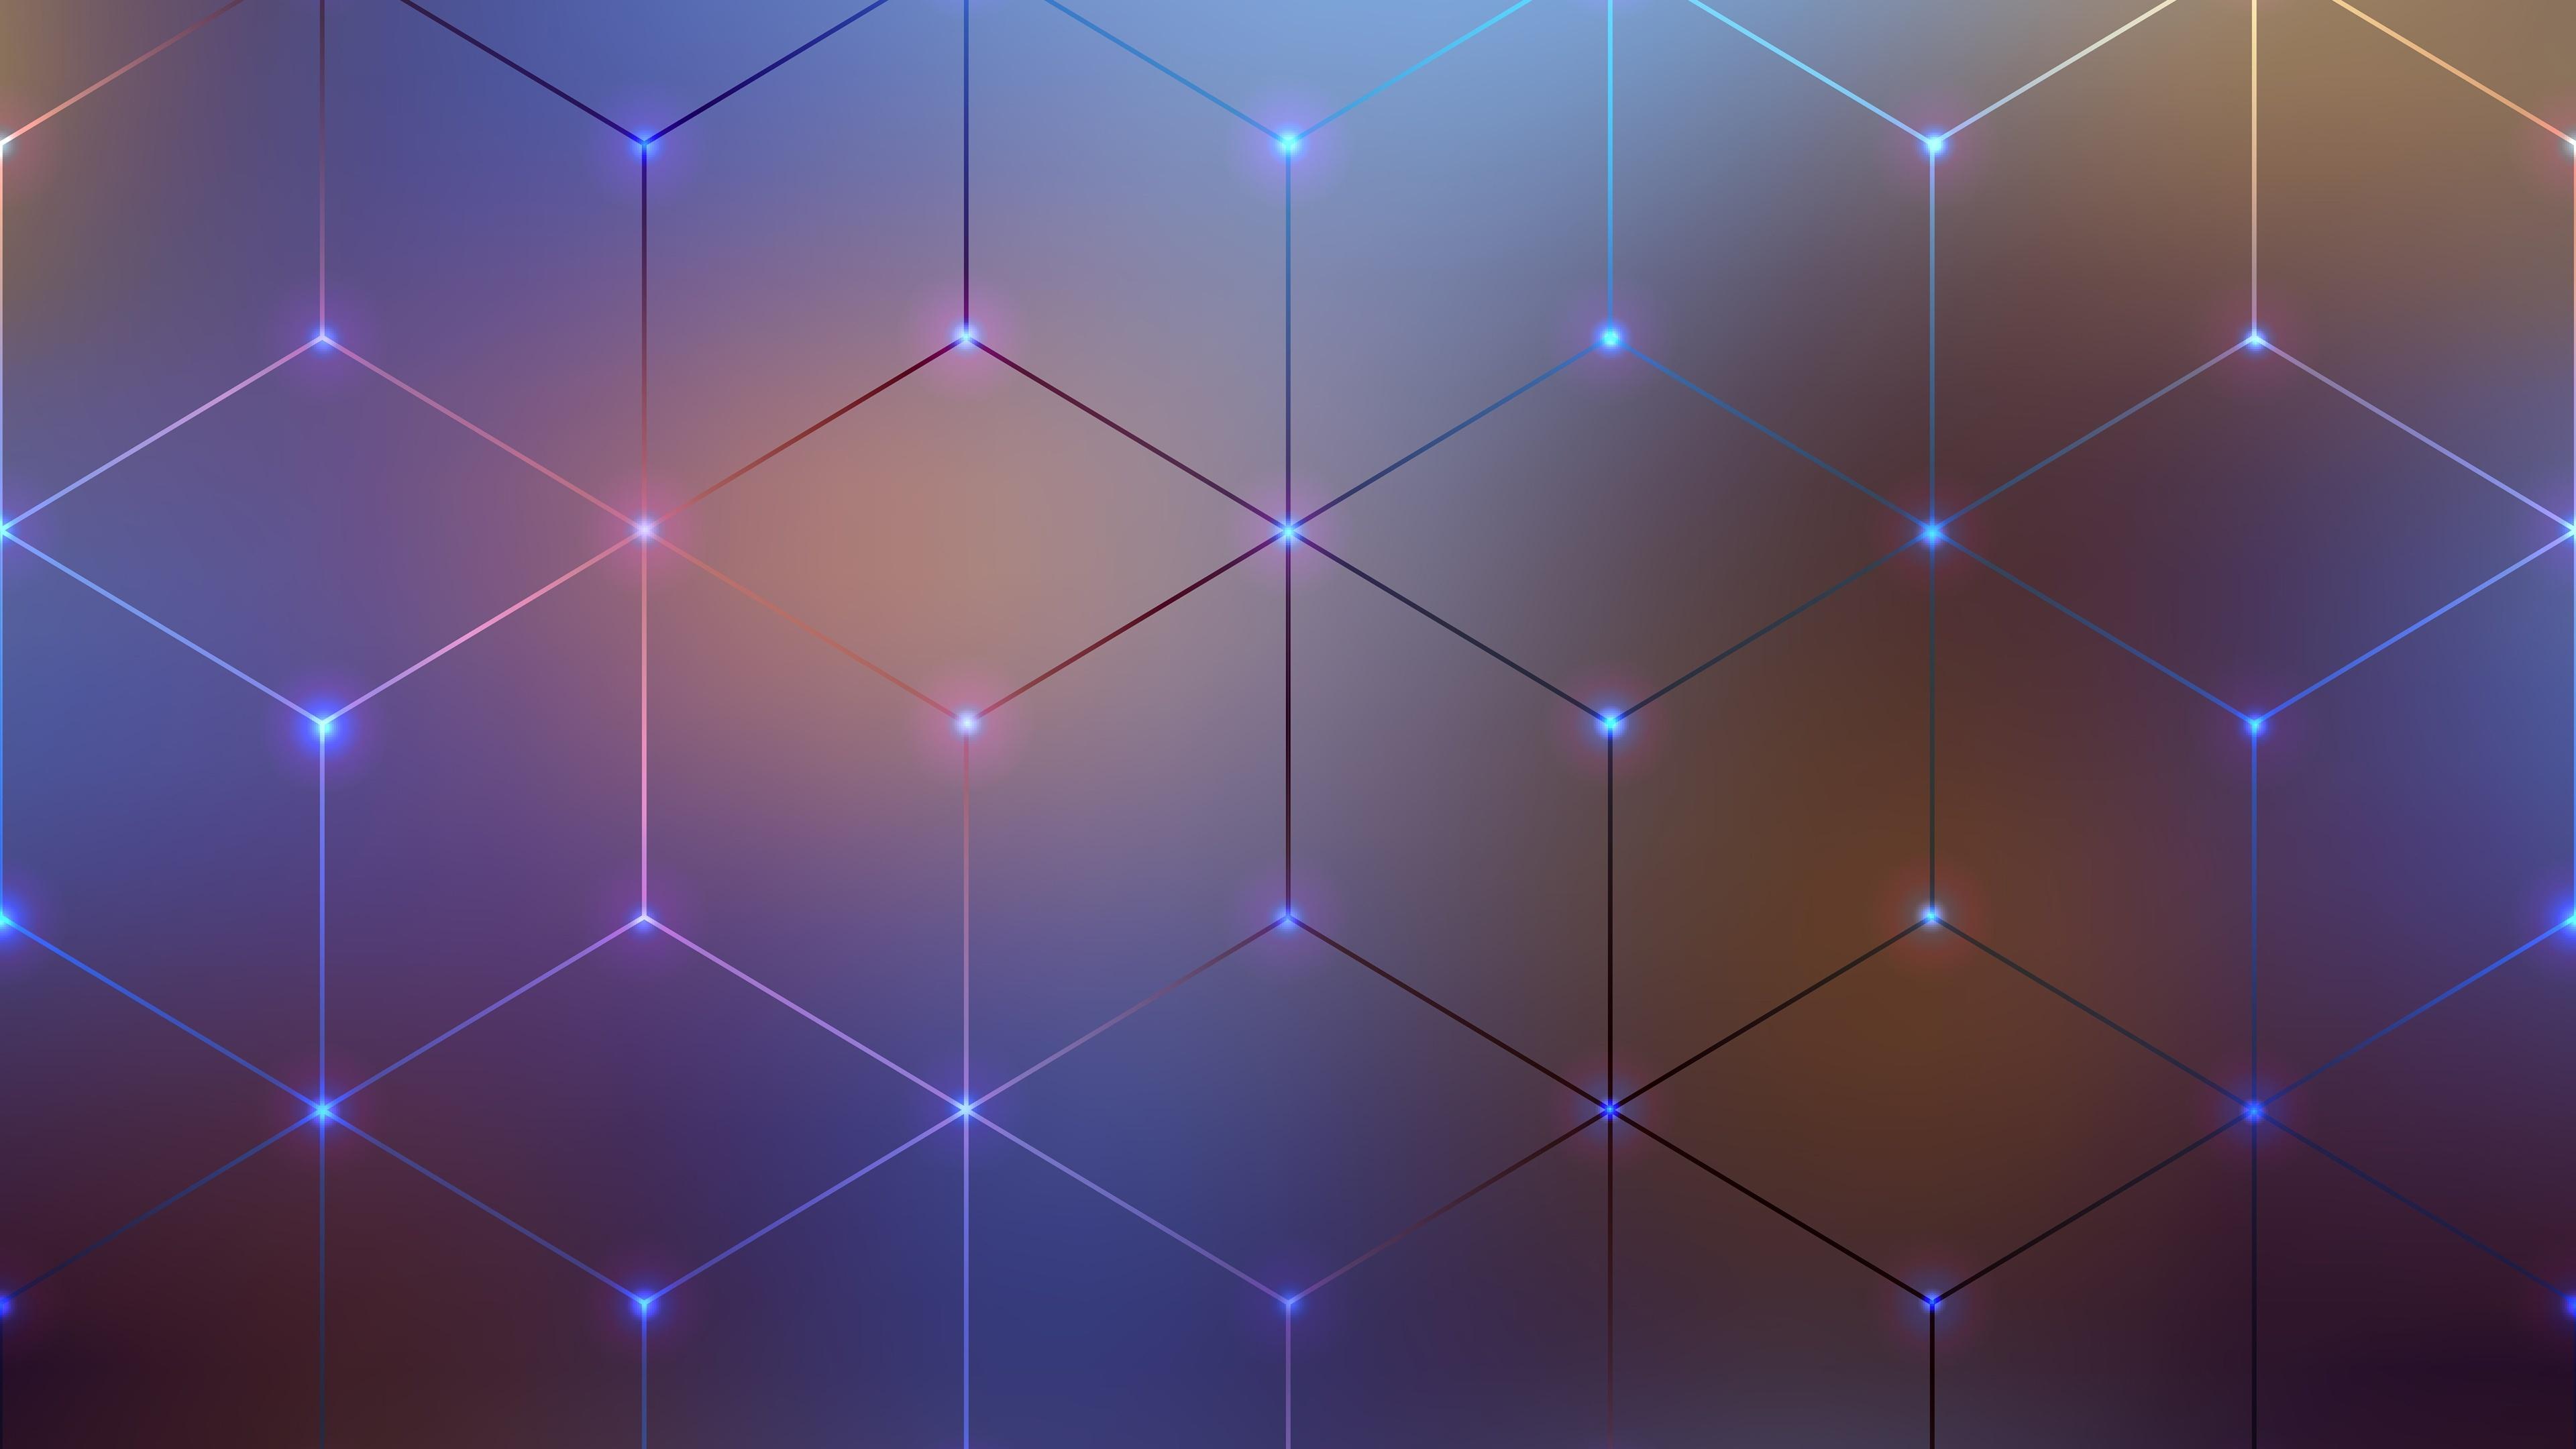 Blur Wallpaper Hd Background Wallpaper Hd 1920x1200 Download Hd Wallpaper Wallpapertip